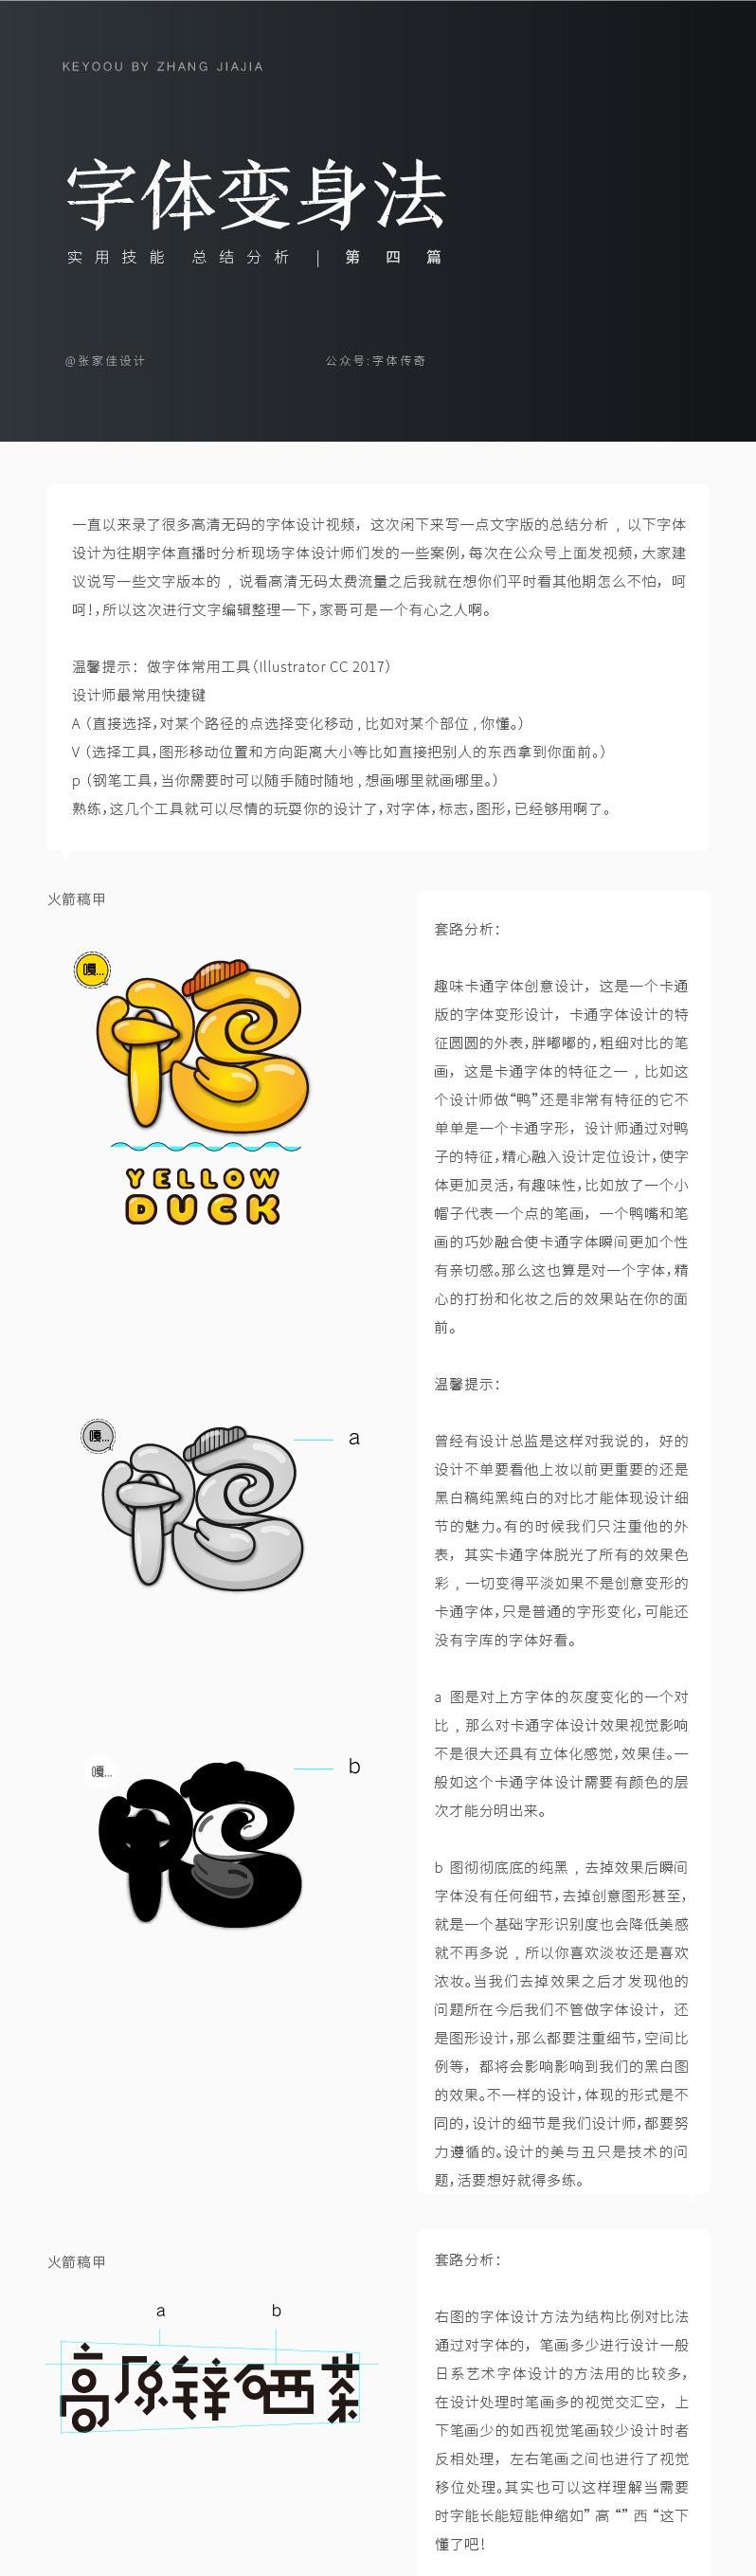 详细解析中文字体设计的实用技能分析,PS教程,思缘教程网